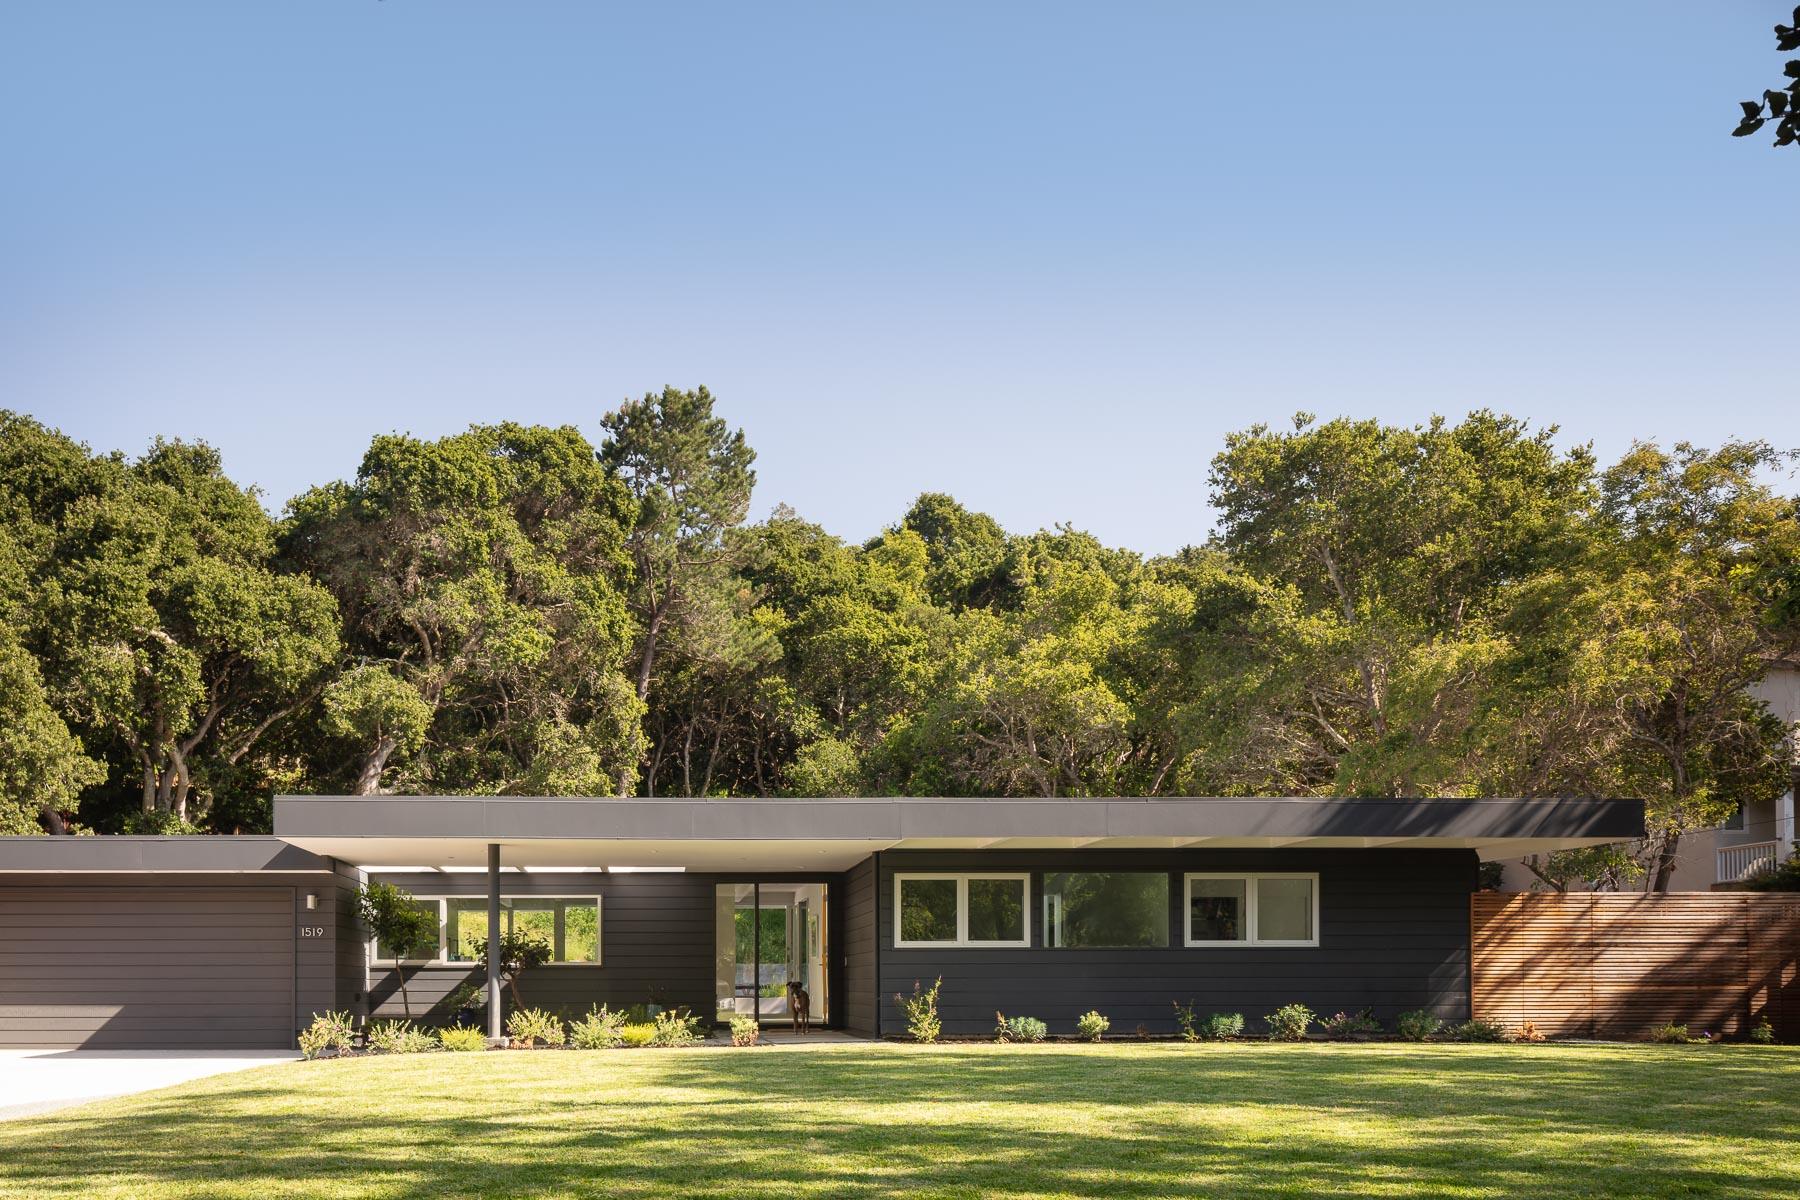 fernwood way residence